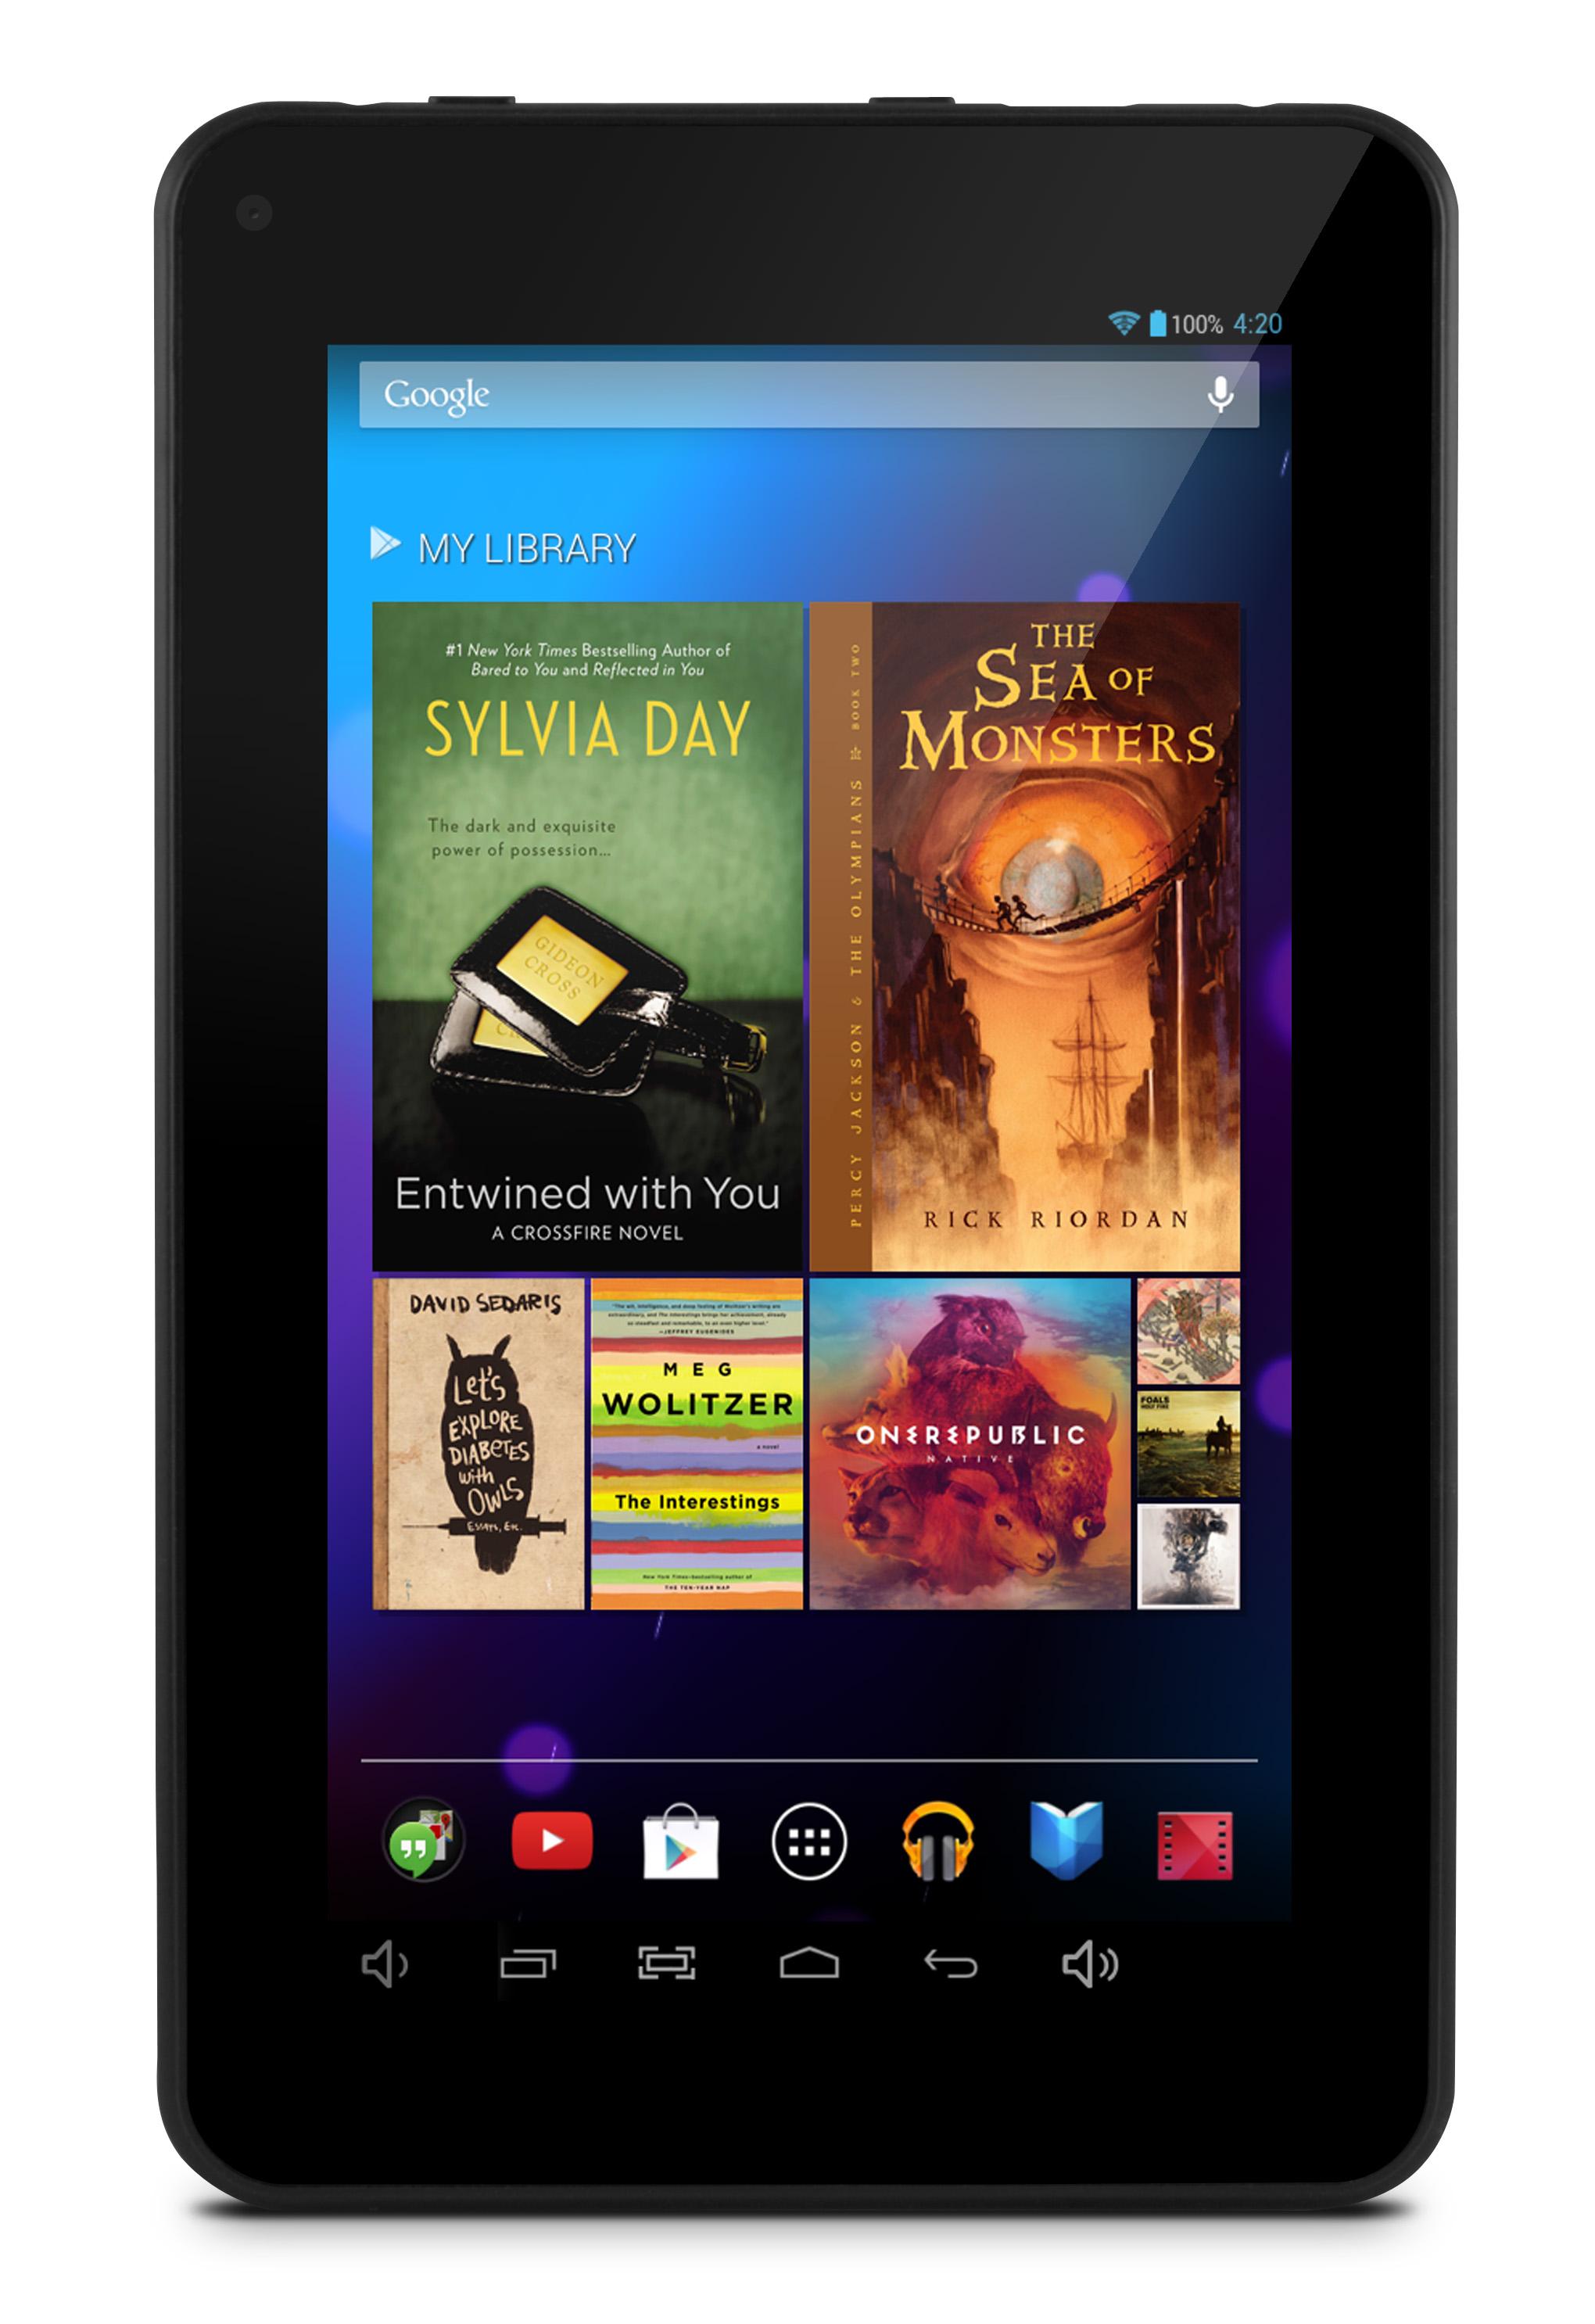 Samsung Galaxy Tab 3 lite - Technischen Daten und ...